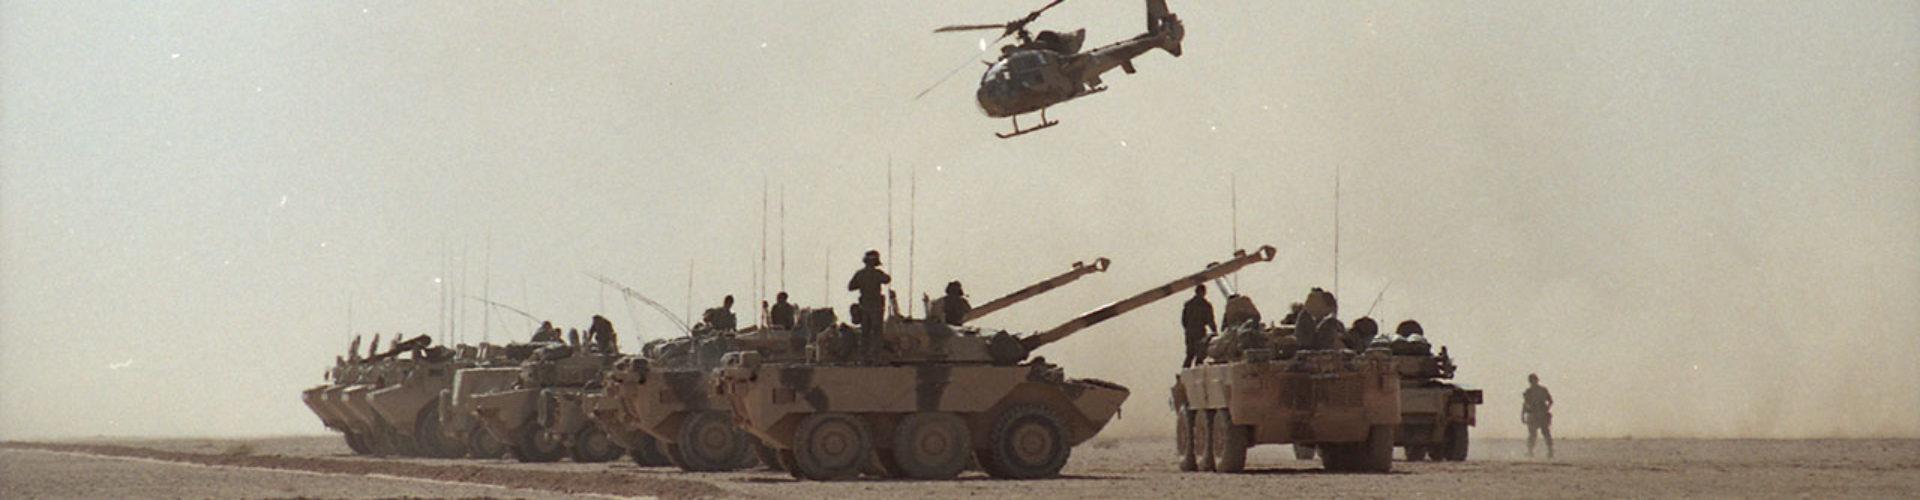 Bannière Dossier n°1: Quelle politique de défense pour la France dans le monde contemporain ?